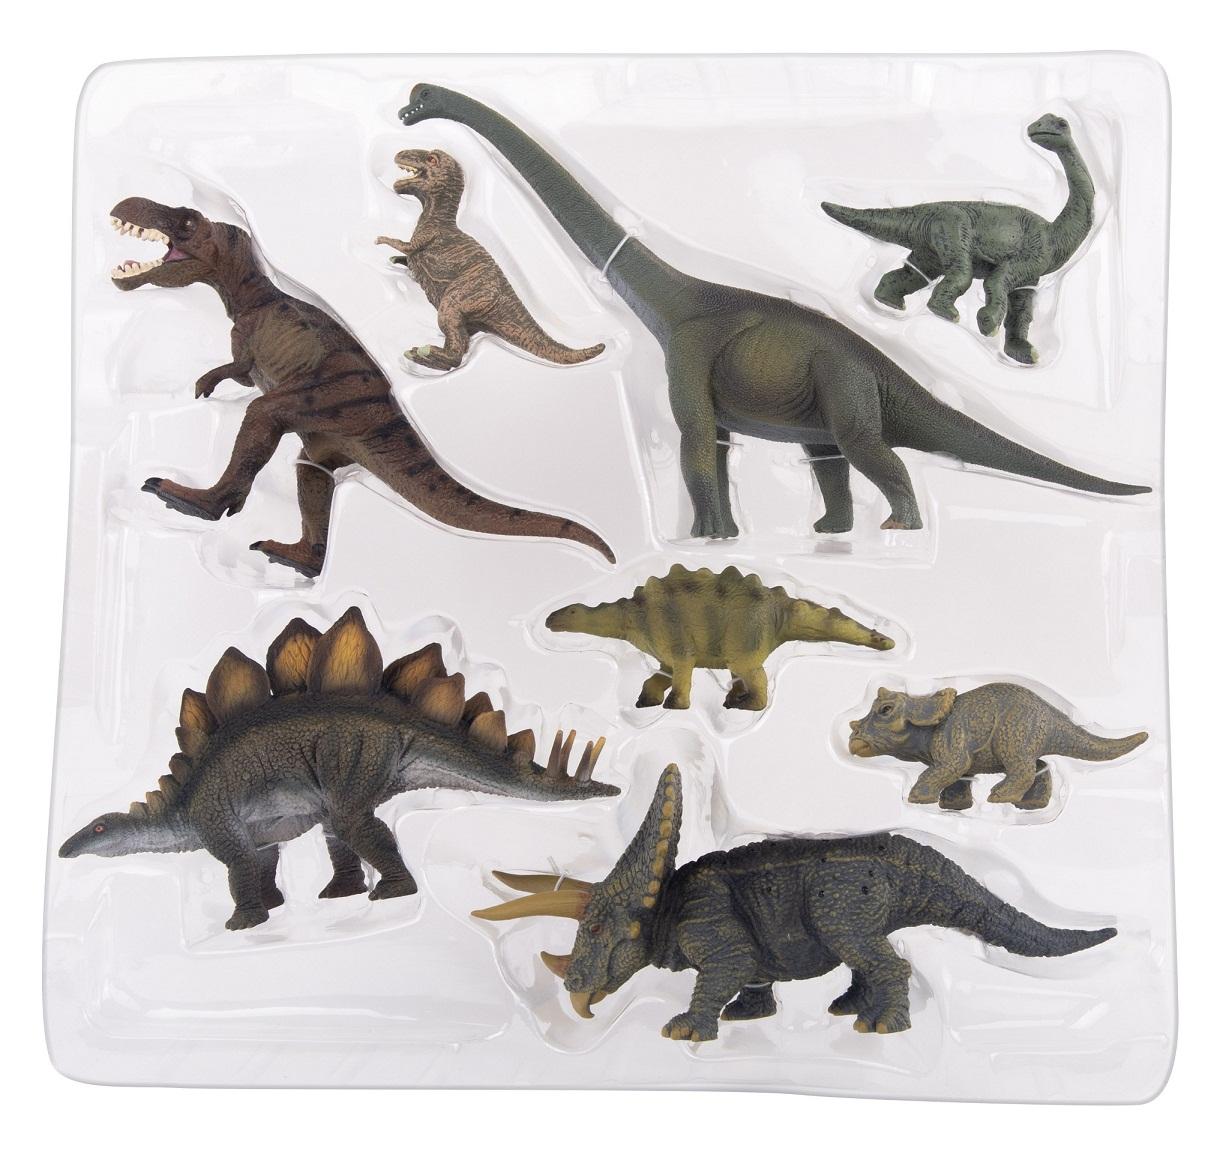 Набор динозавров №3, 8 фигурок по цене 3 050